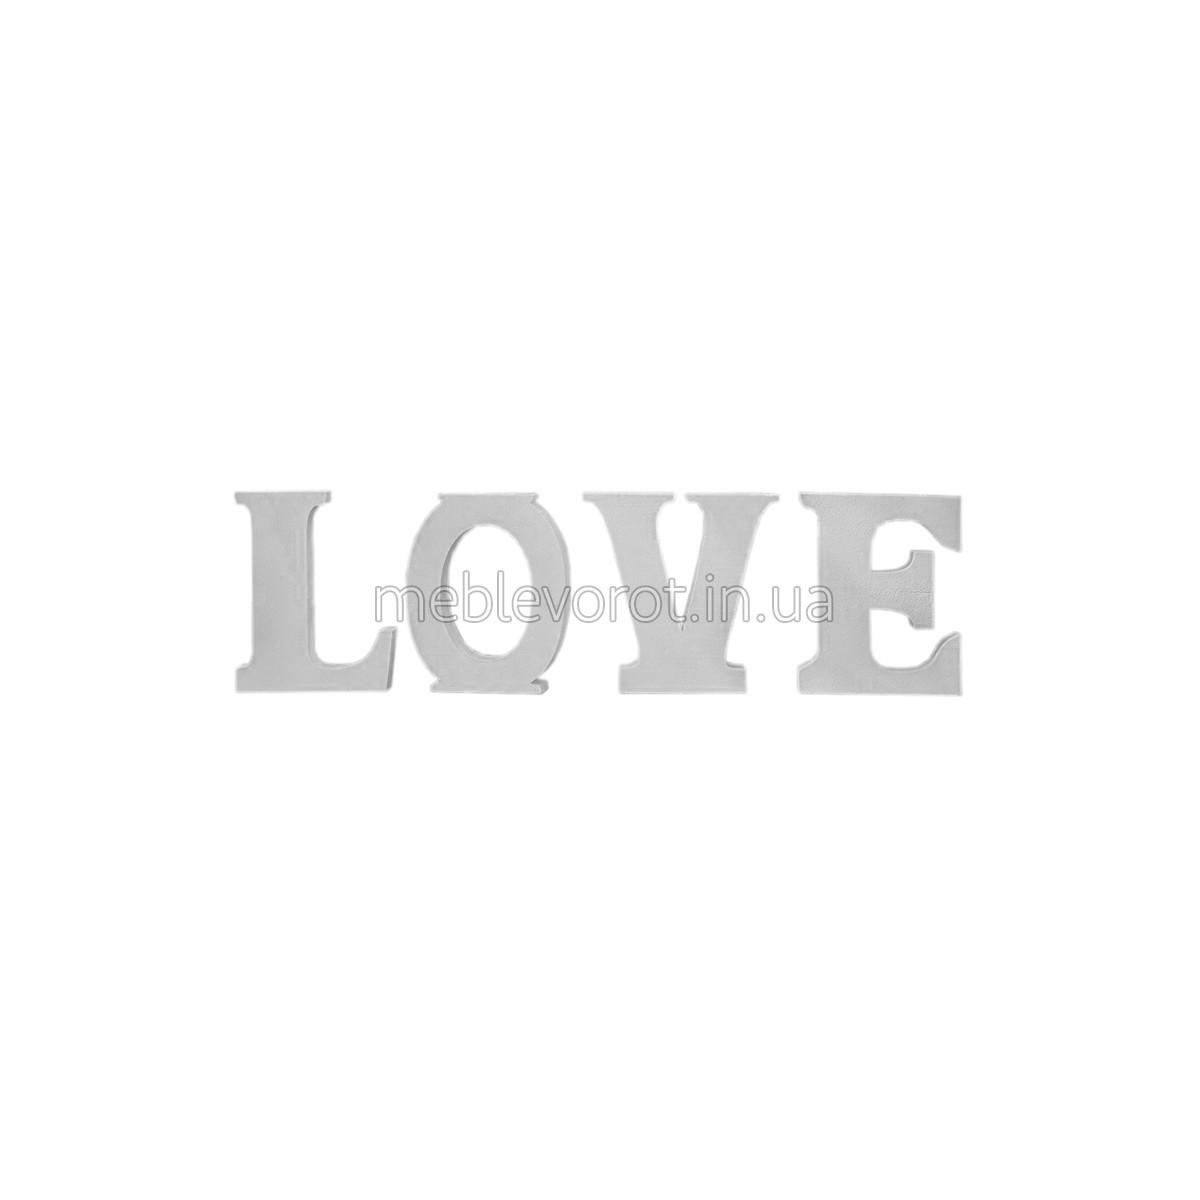 """Пенопластовые буквы """"L O V E"""" белые (Аренда)"""